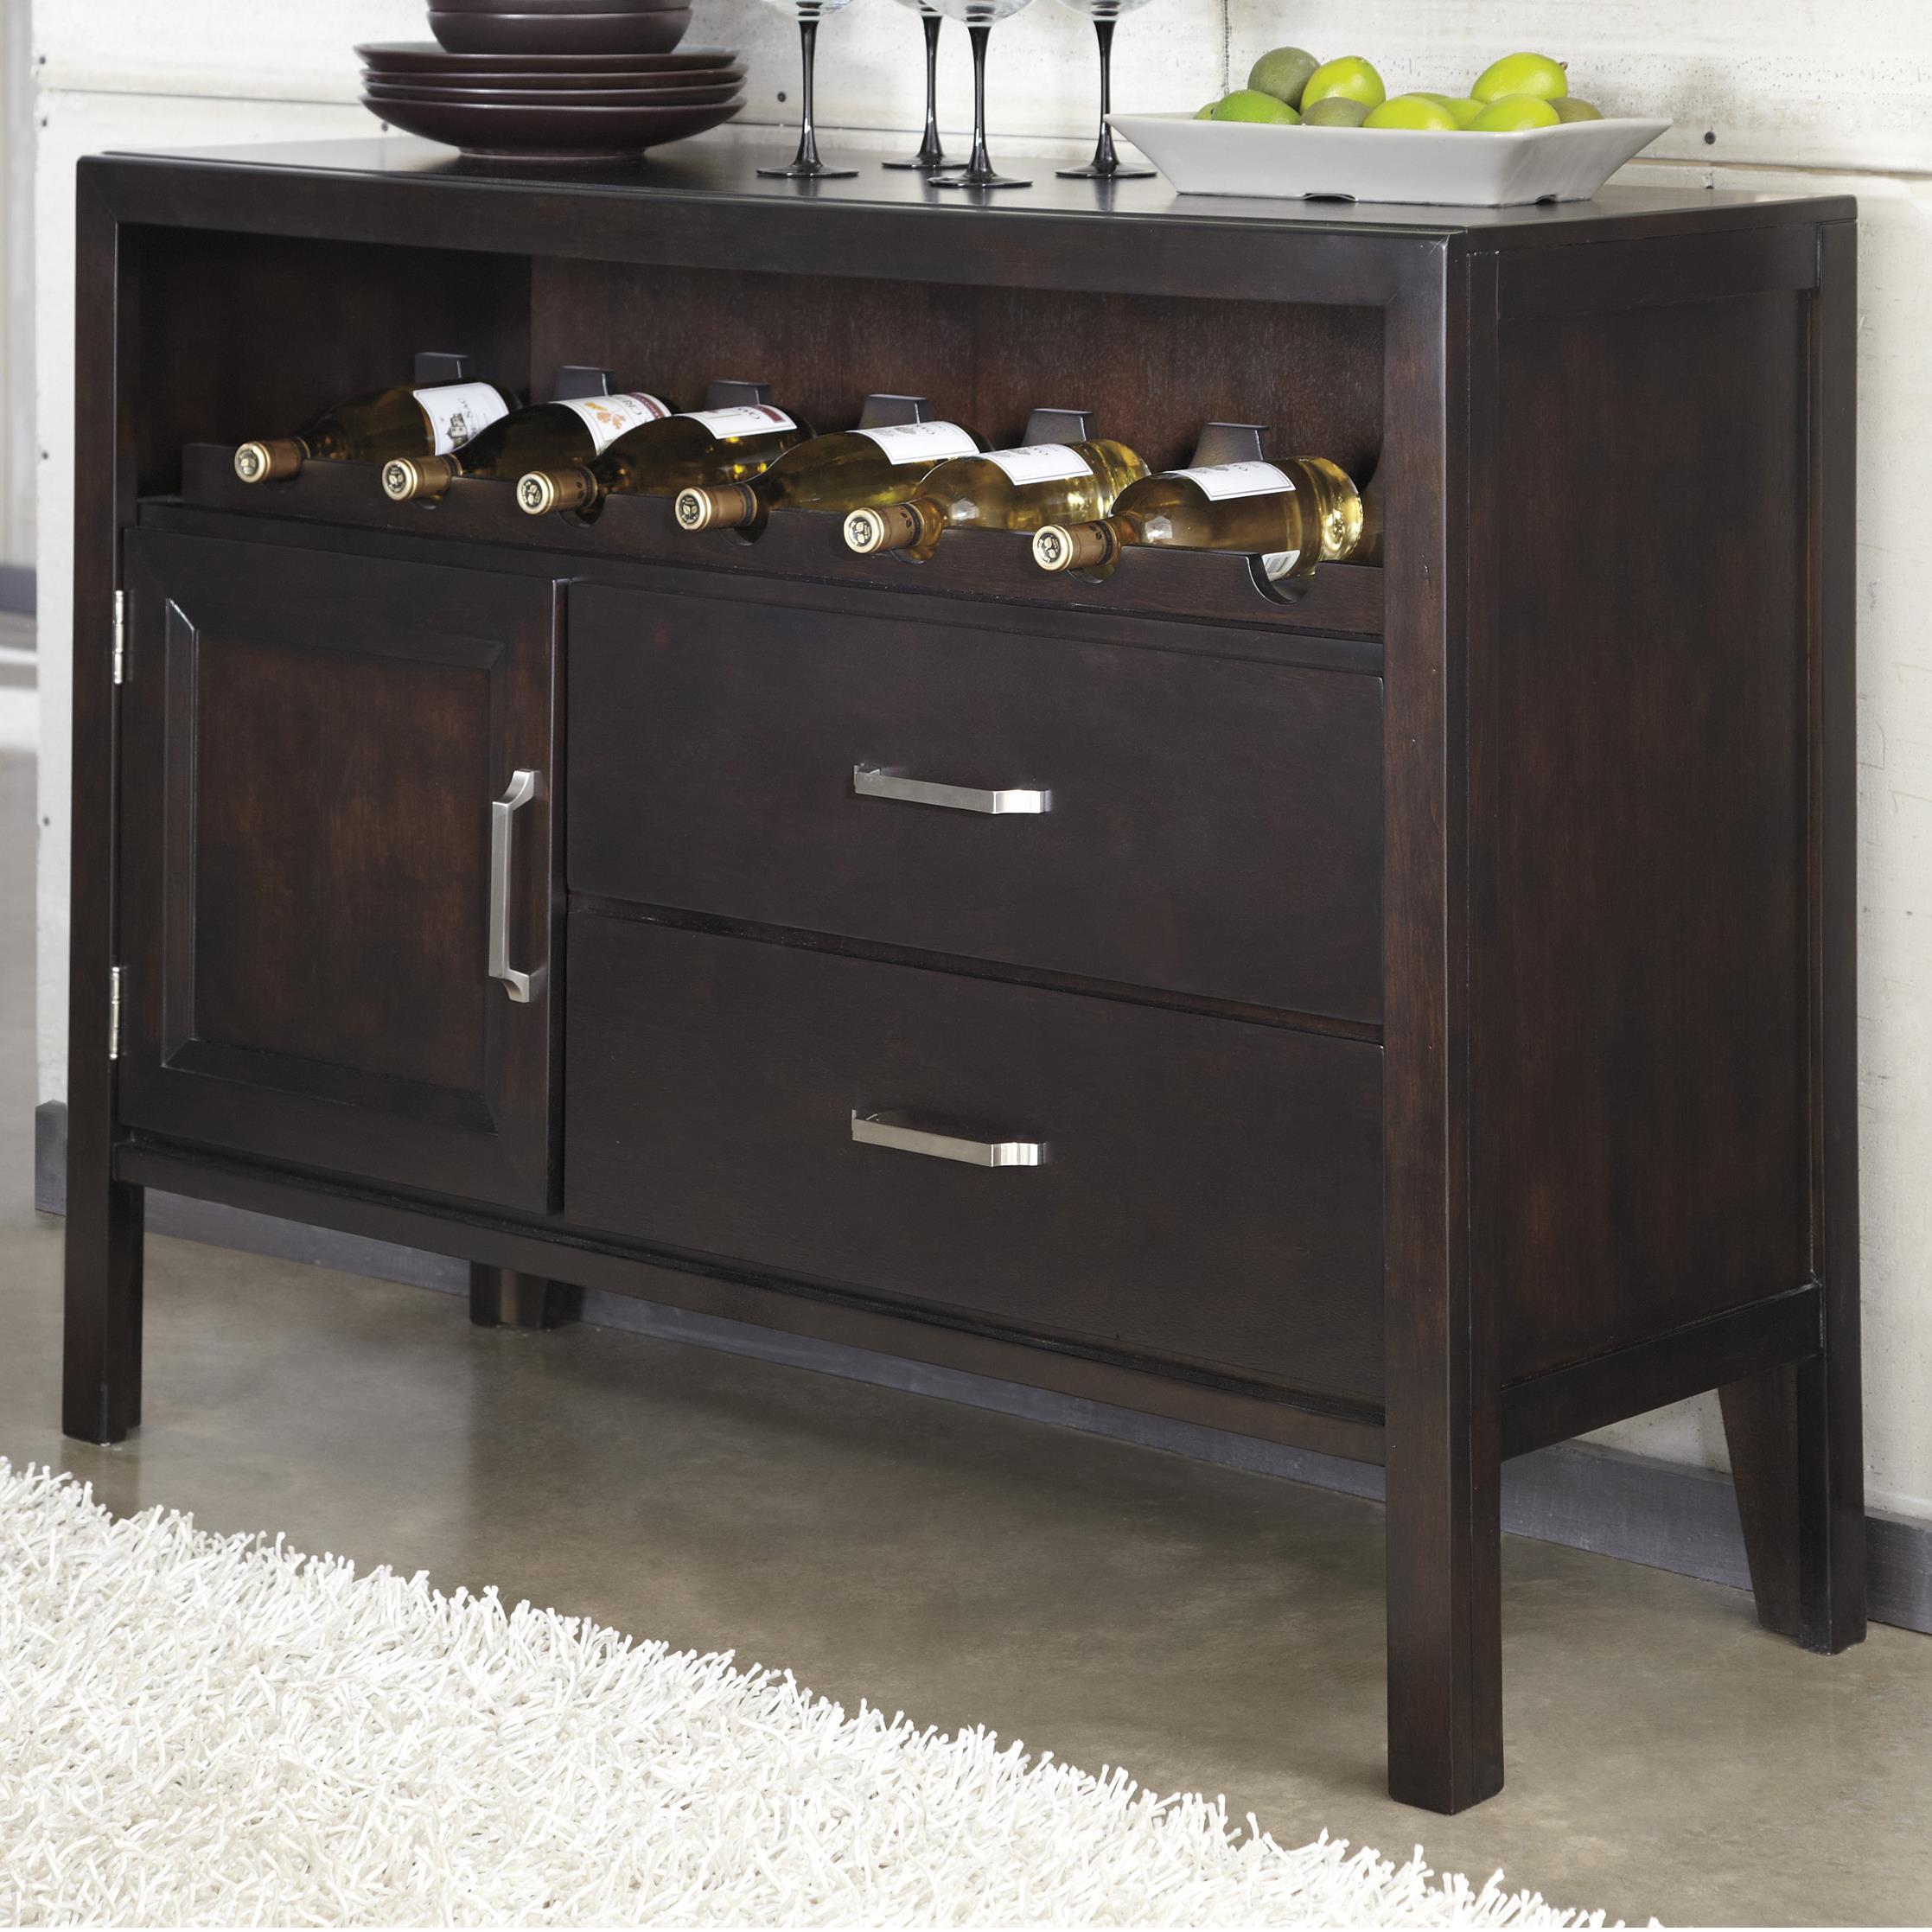 Ashley Furniture Trishelle Dining Room Server - Item Number: D550-59